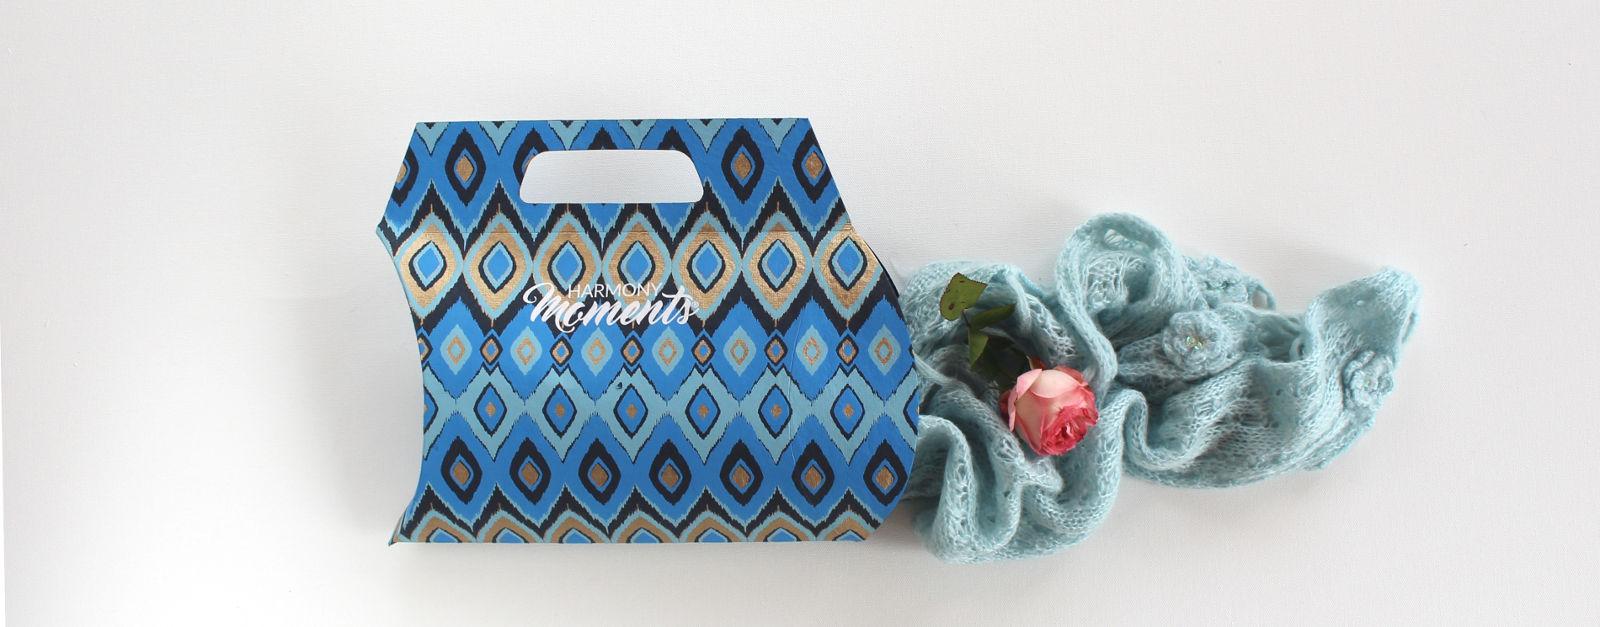 Bags - die außergewöhnlichen Geschenketaschen von HARMONYMOMENTS